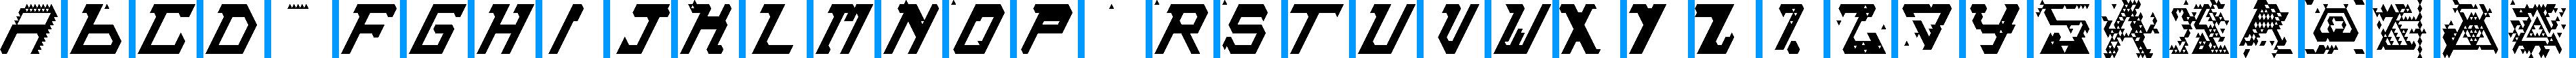 Particip-a-type v.231